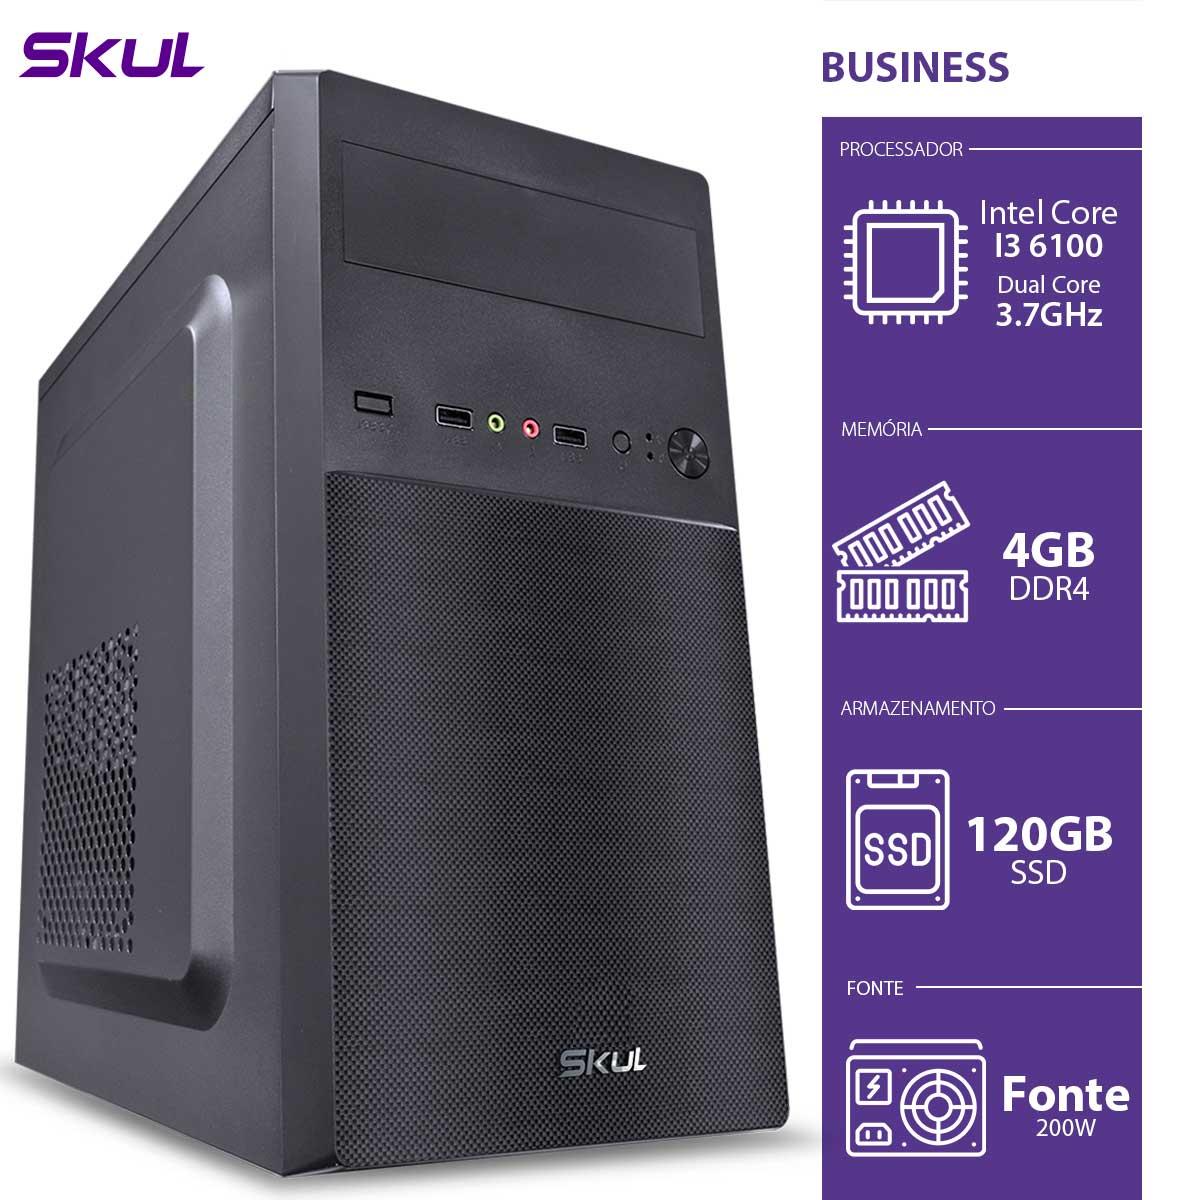 Computador Business B300 - I3-6100 3.7GHZ 4GB DDR4 SSD 120GB HDMI/VGA Fonte 200W